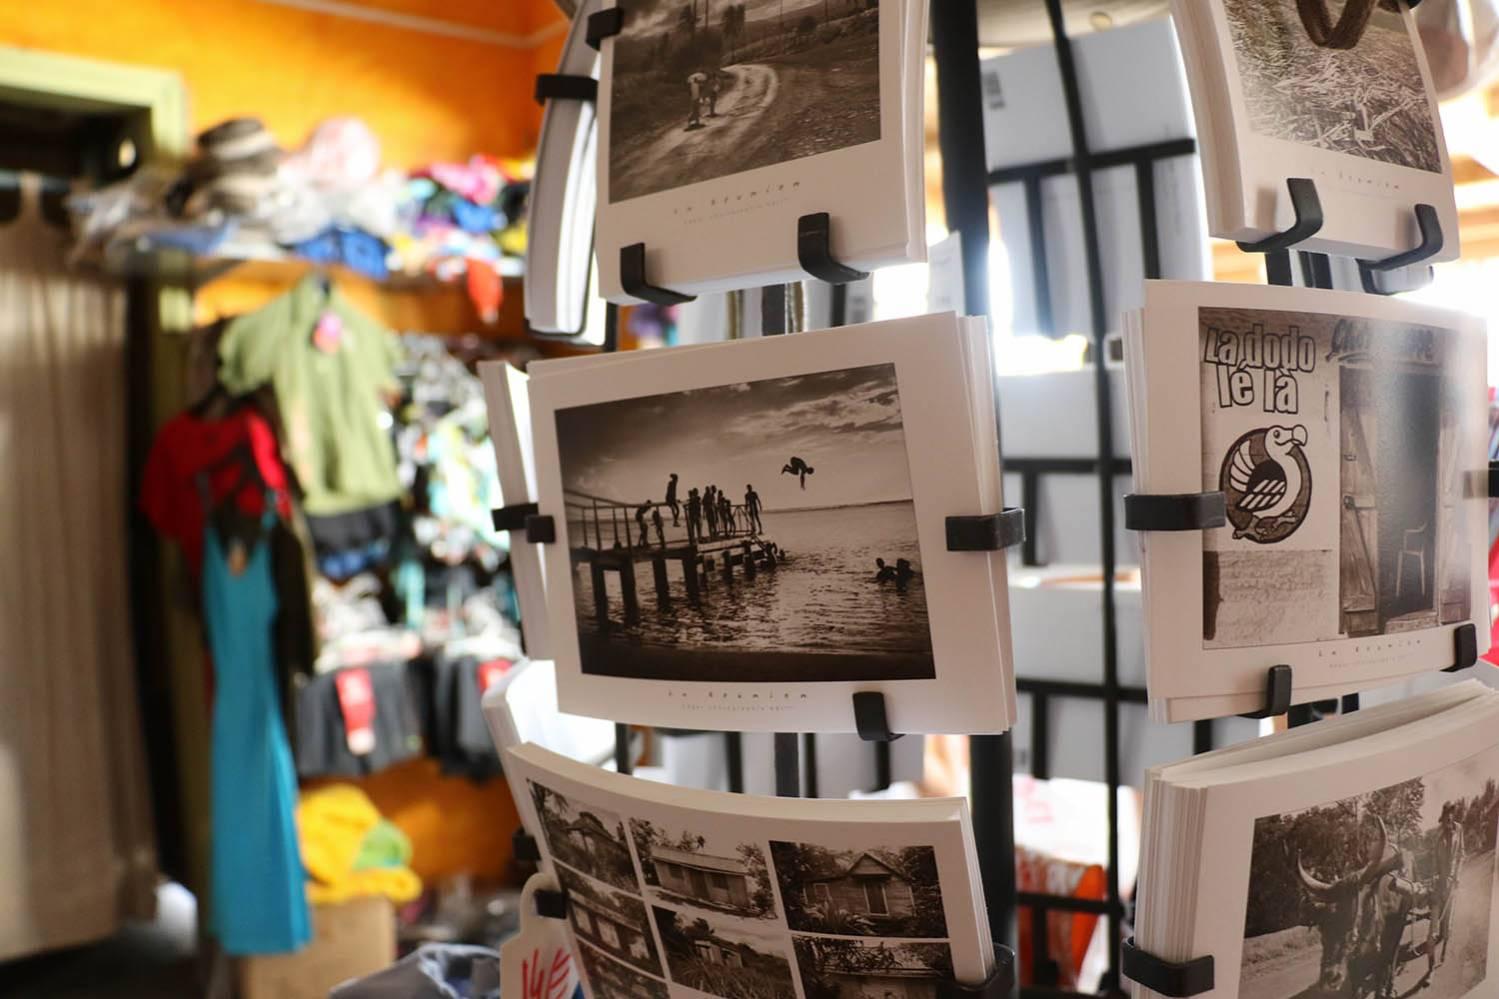 Cartes postales de La Réunion dans une boutique souvenir de Saint-Gilles à l'ile de La Réunion 974